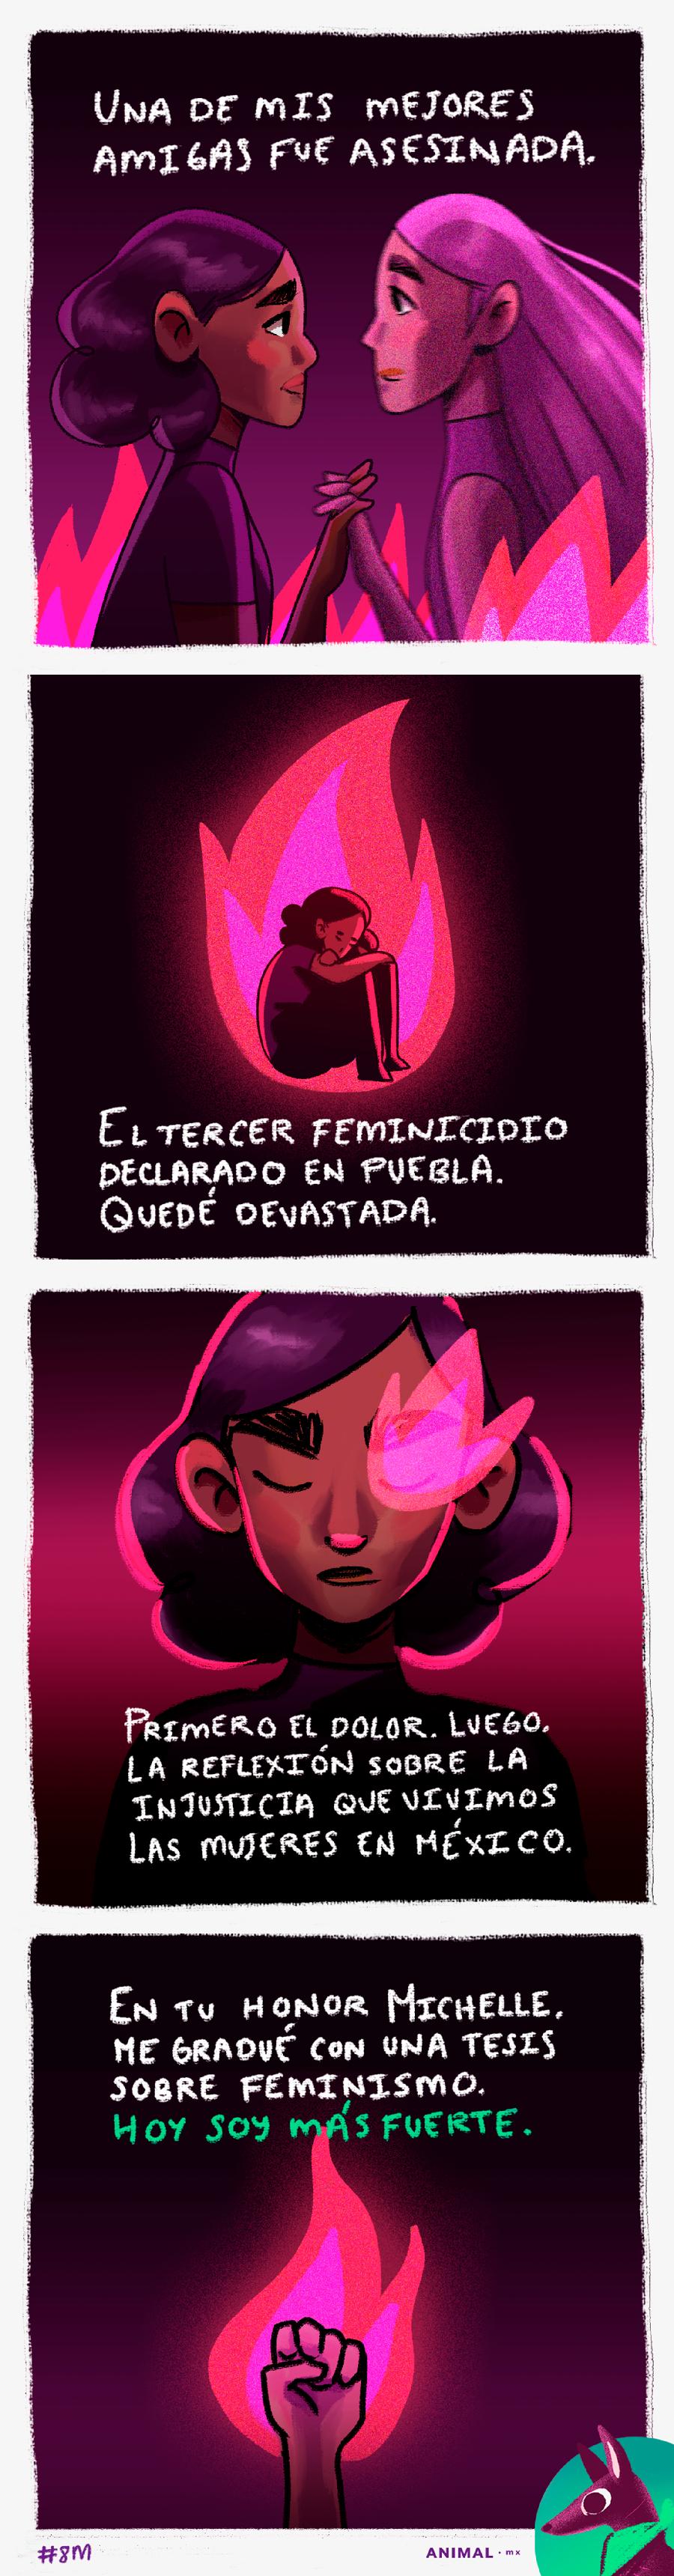 Testimonios mujeres: cómo llegó el feminismo a tu vida. Ilustración: @Driu_Paredes